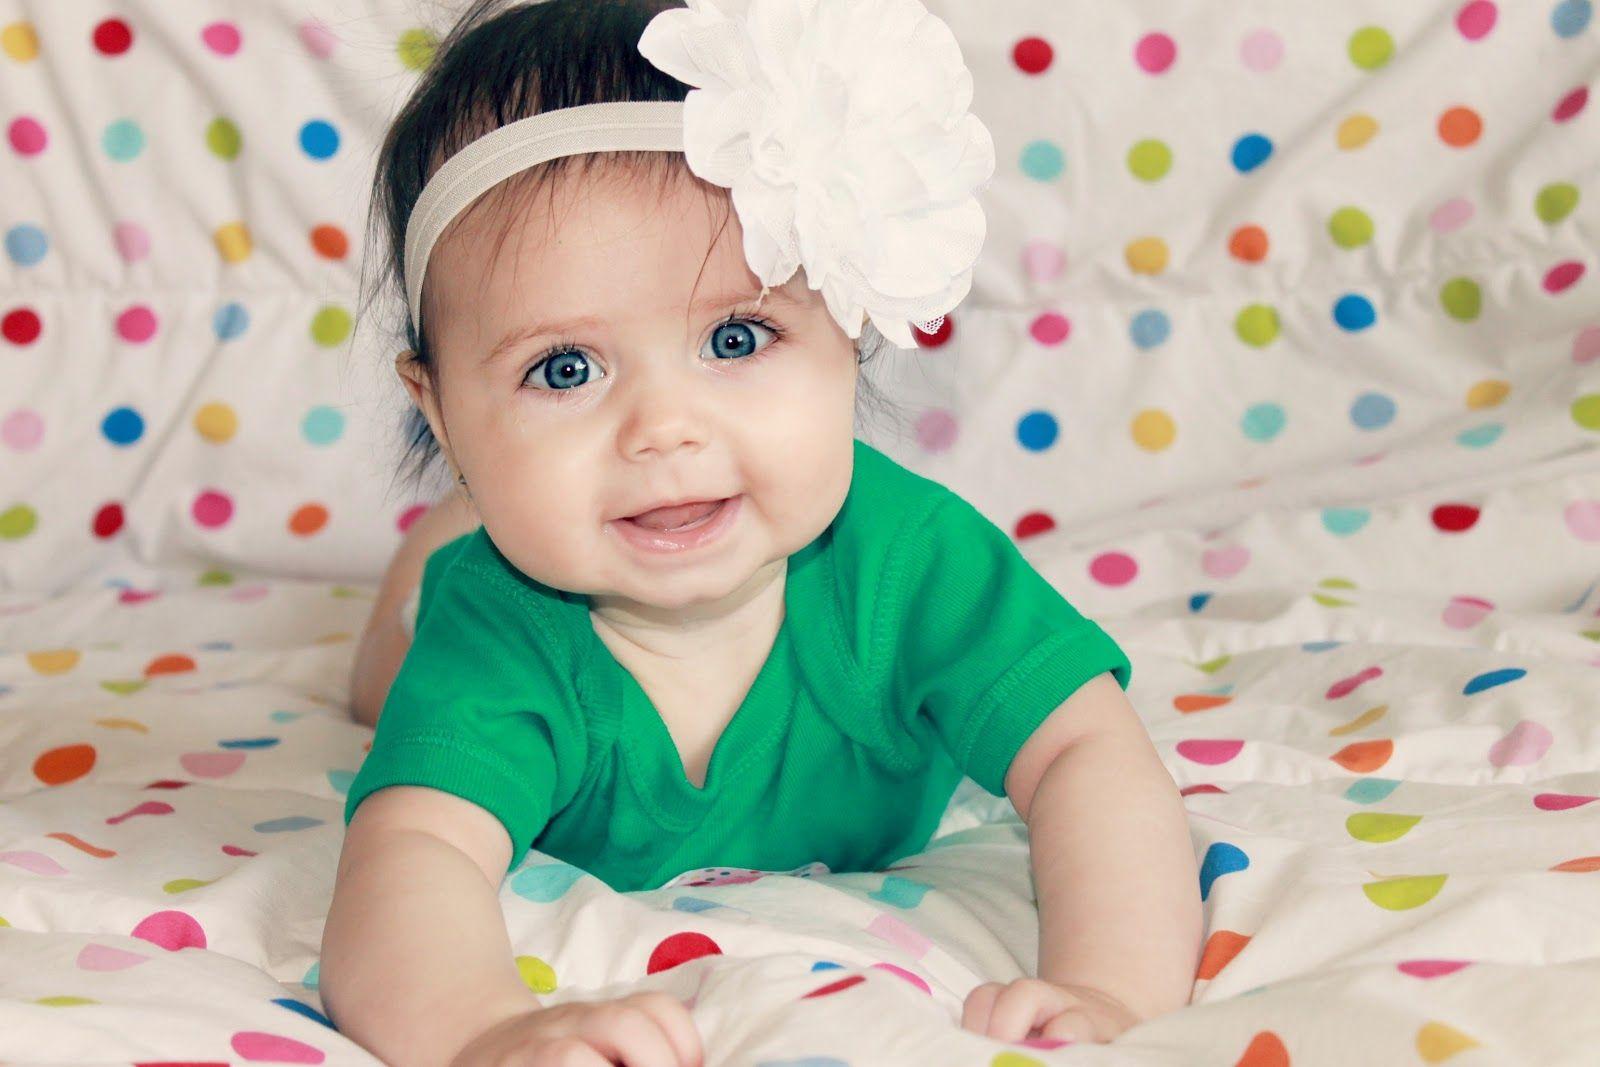 6 month photo shoot idea Surrogate motherhood, Baby